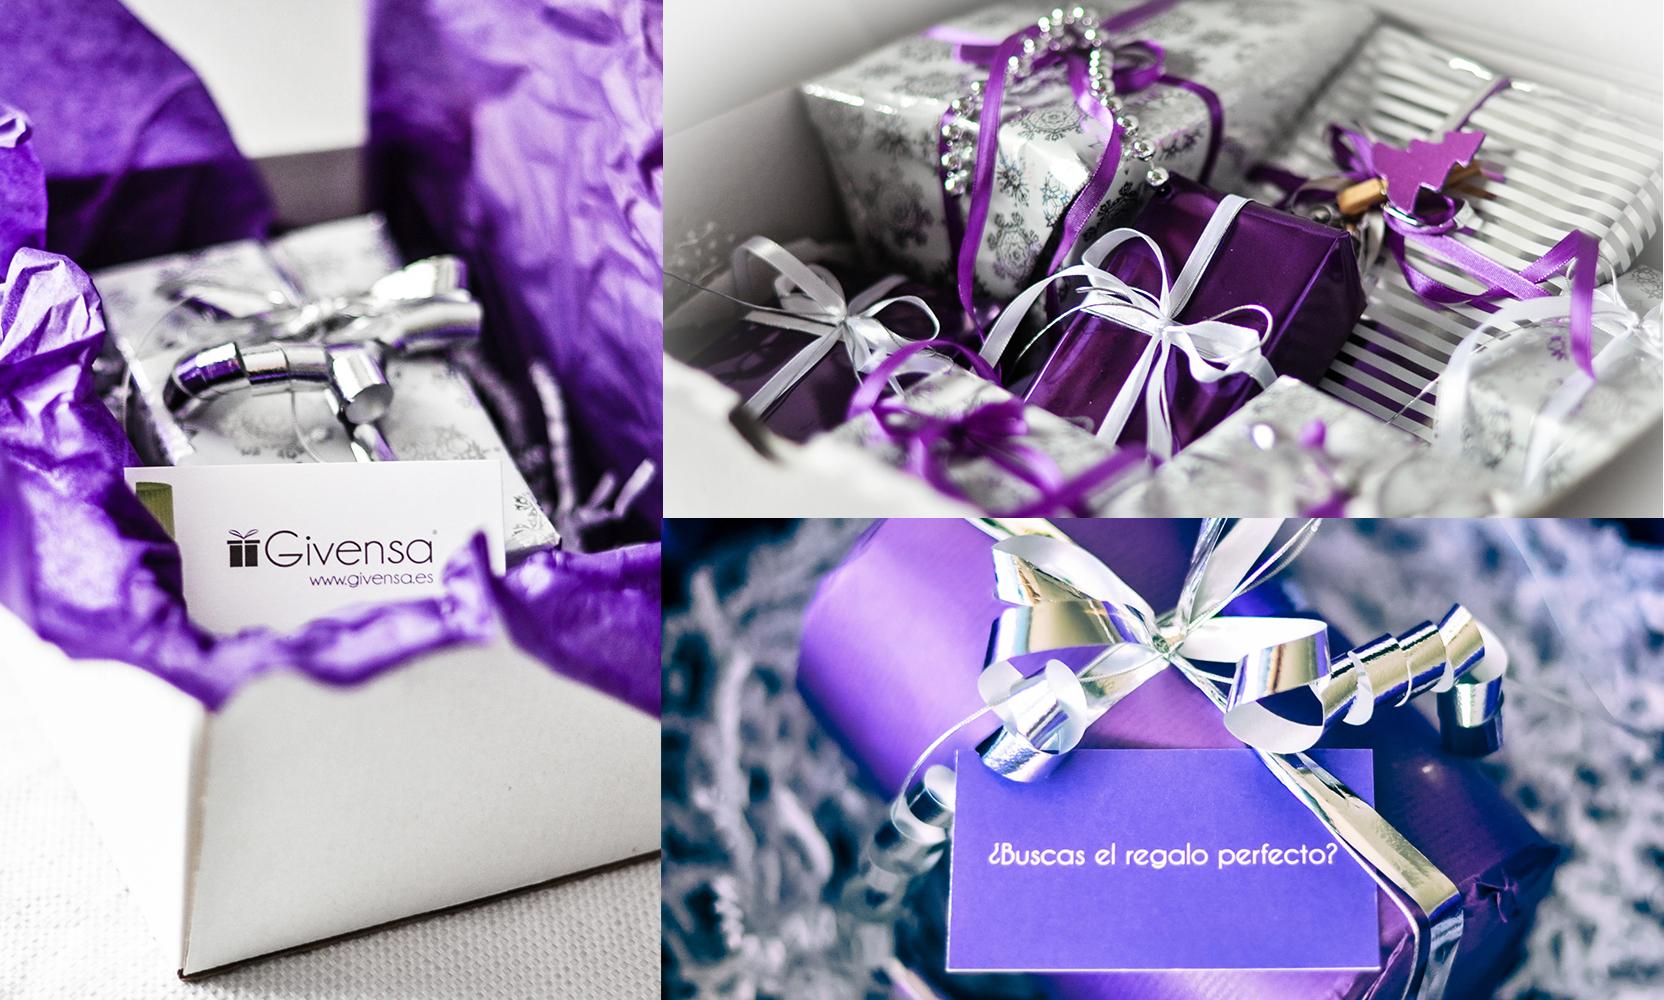 Givensa regalos originales de suecia para navidad y for Regalos originales decoracion